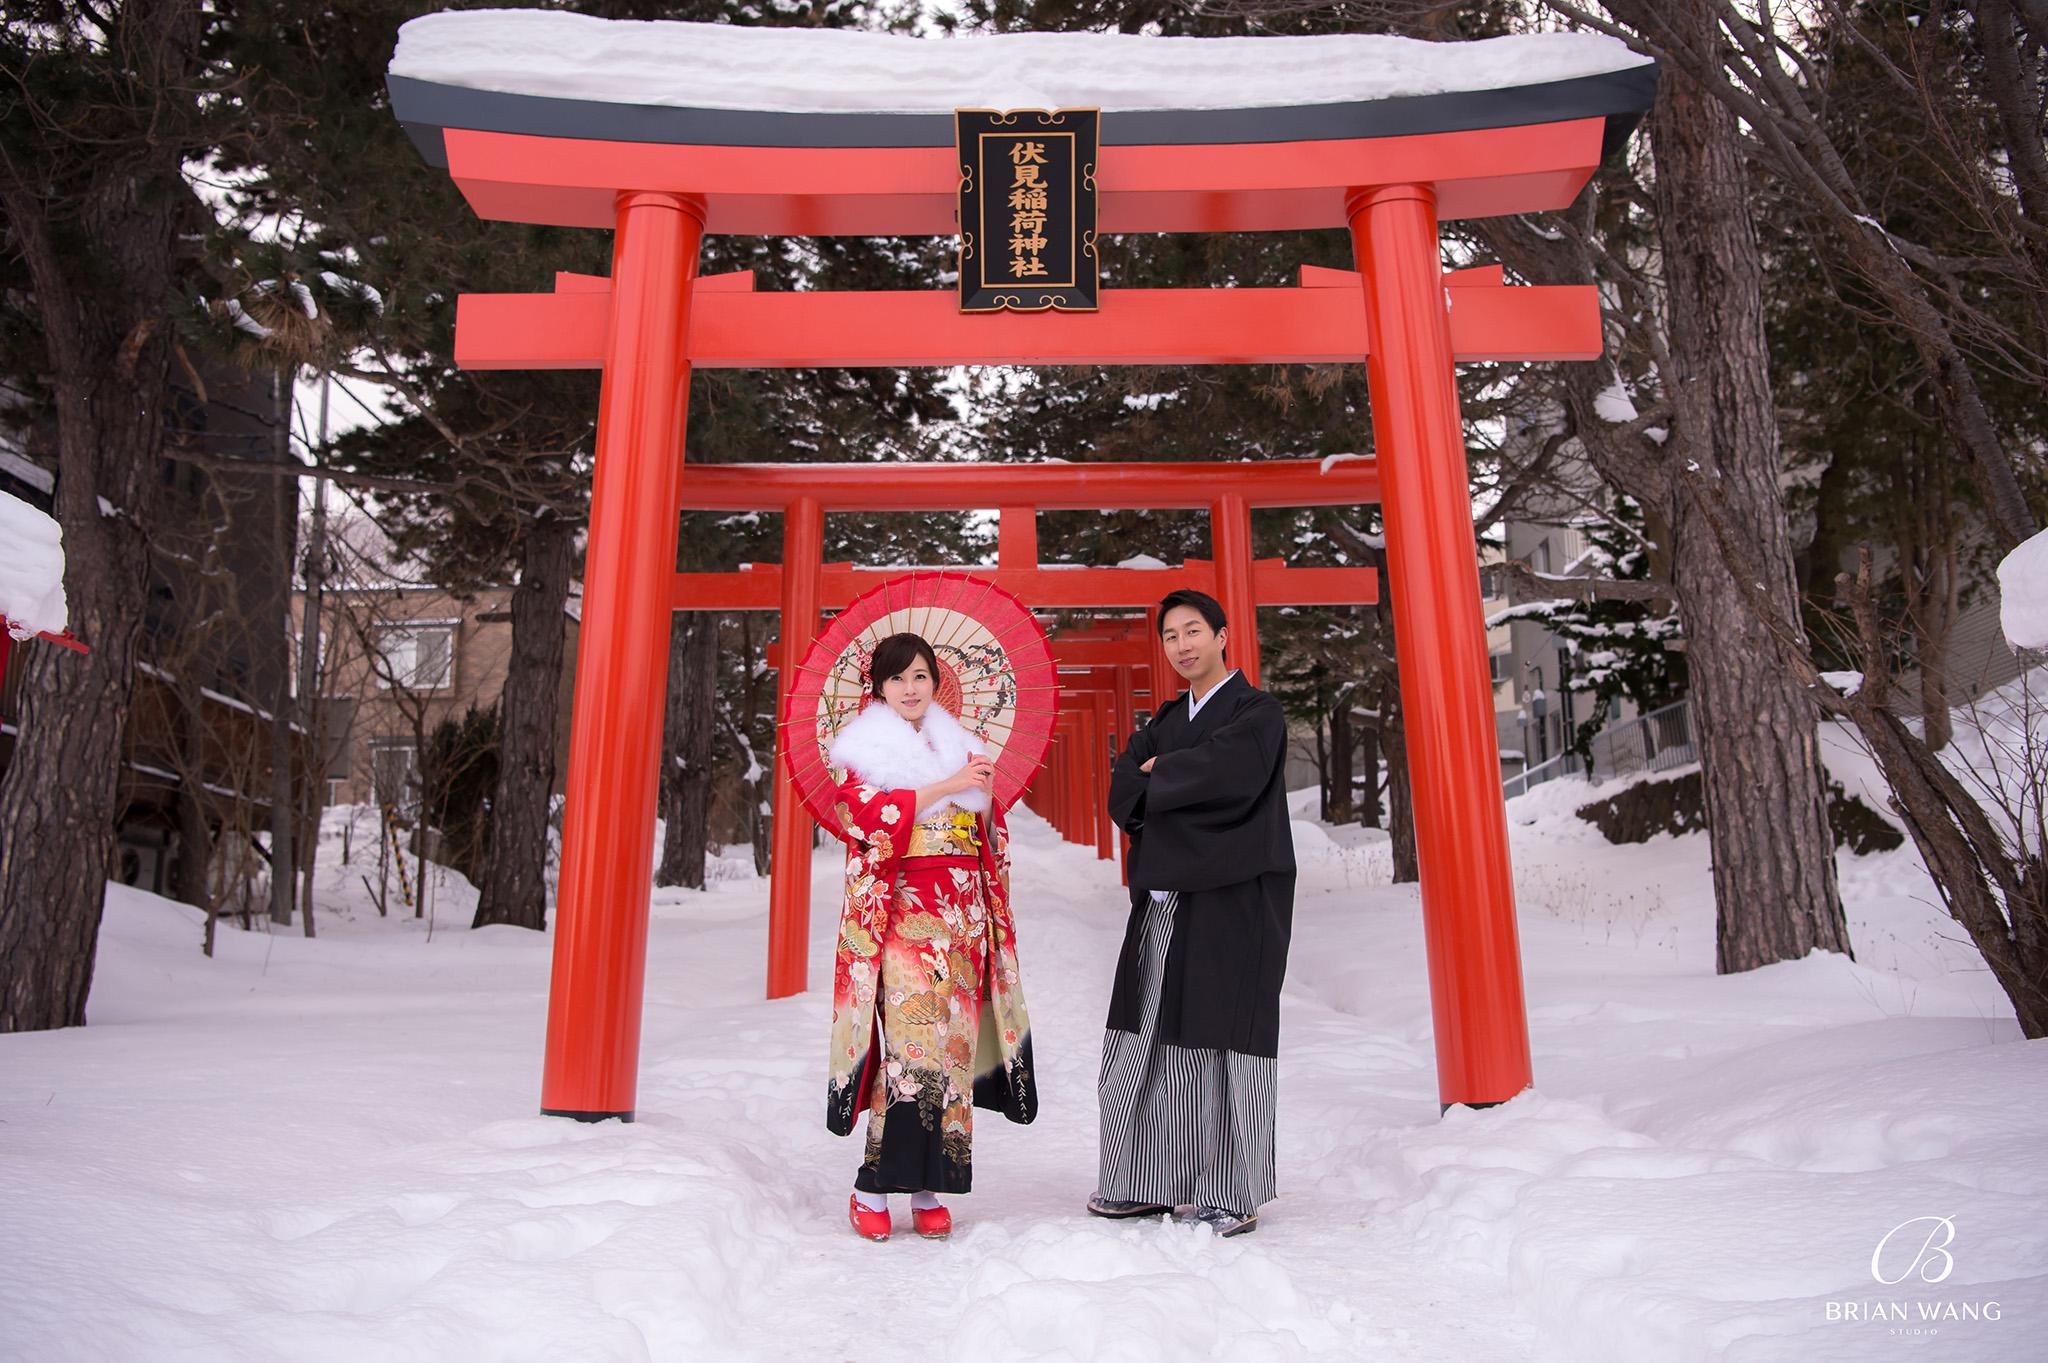 '北海道自助婚紗,北海道婚紗攝影,北海道雪景婚紗,海外婚紗價格,雪景婚紗,拍和服,北海道海外婚紗費用,伏見稻荷,札幌,2048BWS_6740'